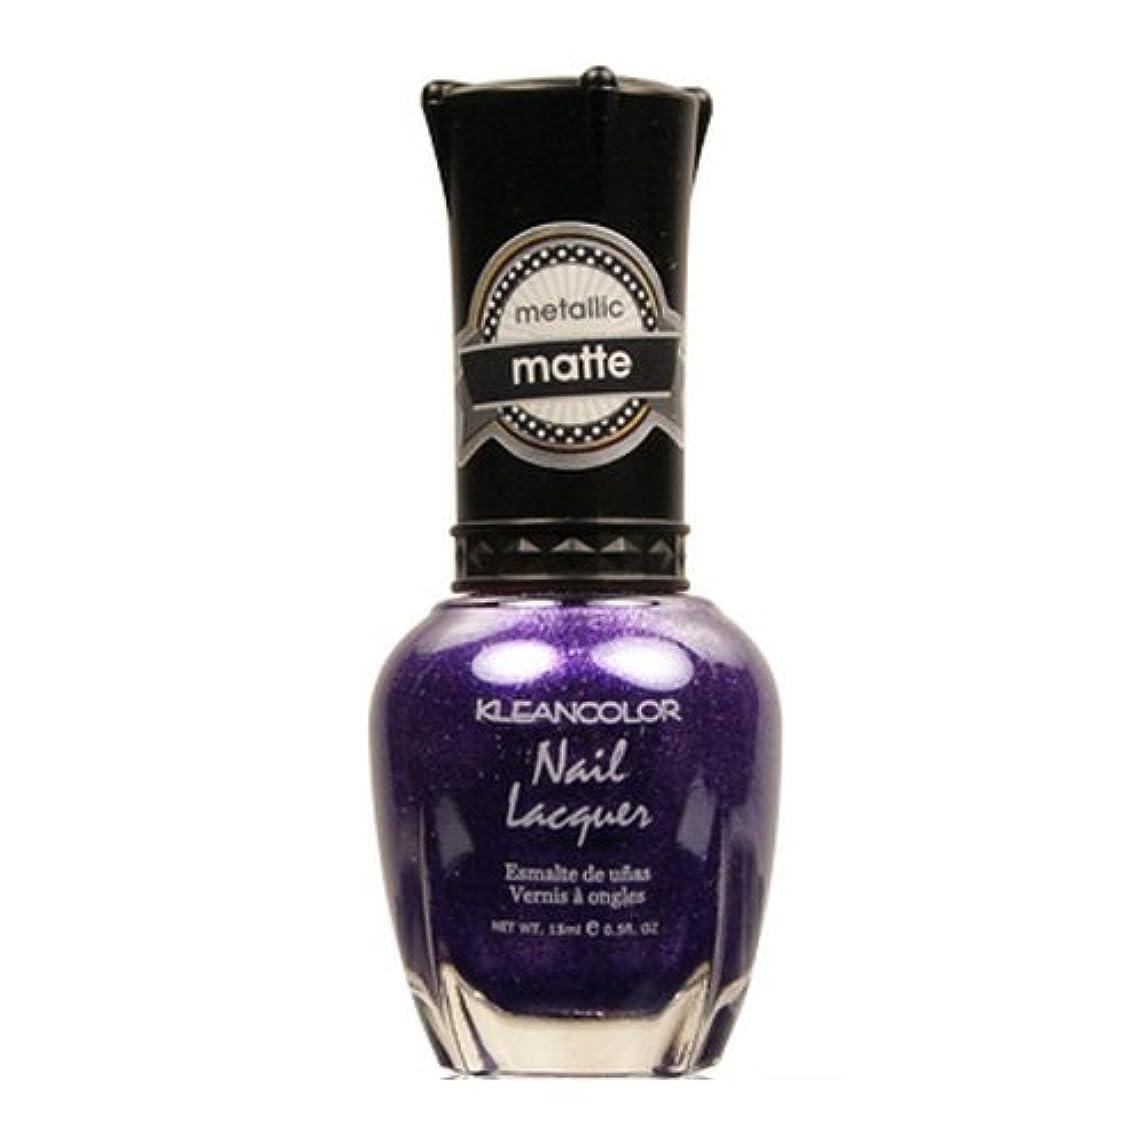 果てしない正確な今までKLEANCOLOR Matte Nail Lacquer - Bright&Breezy (並行輸入品)